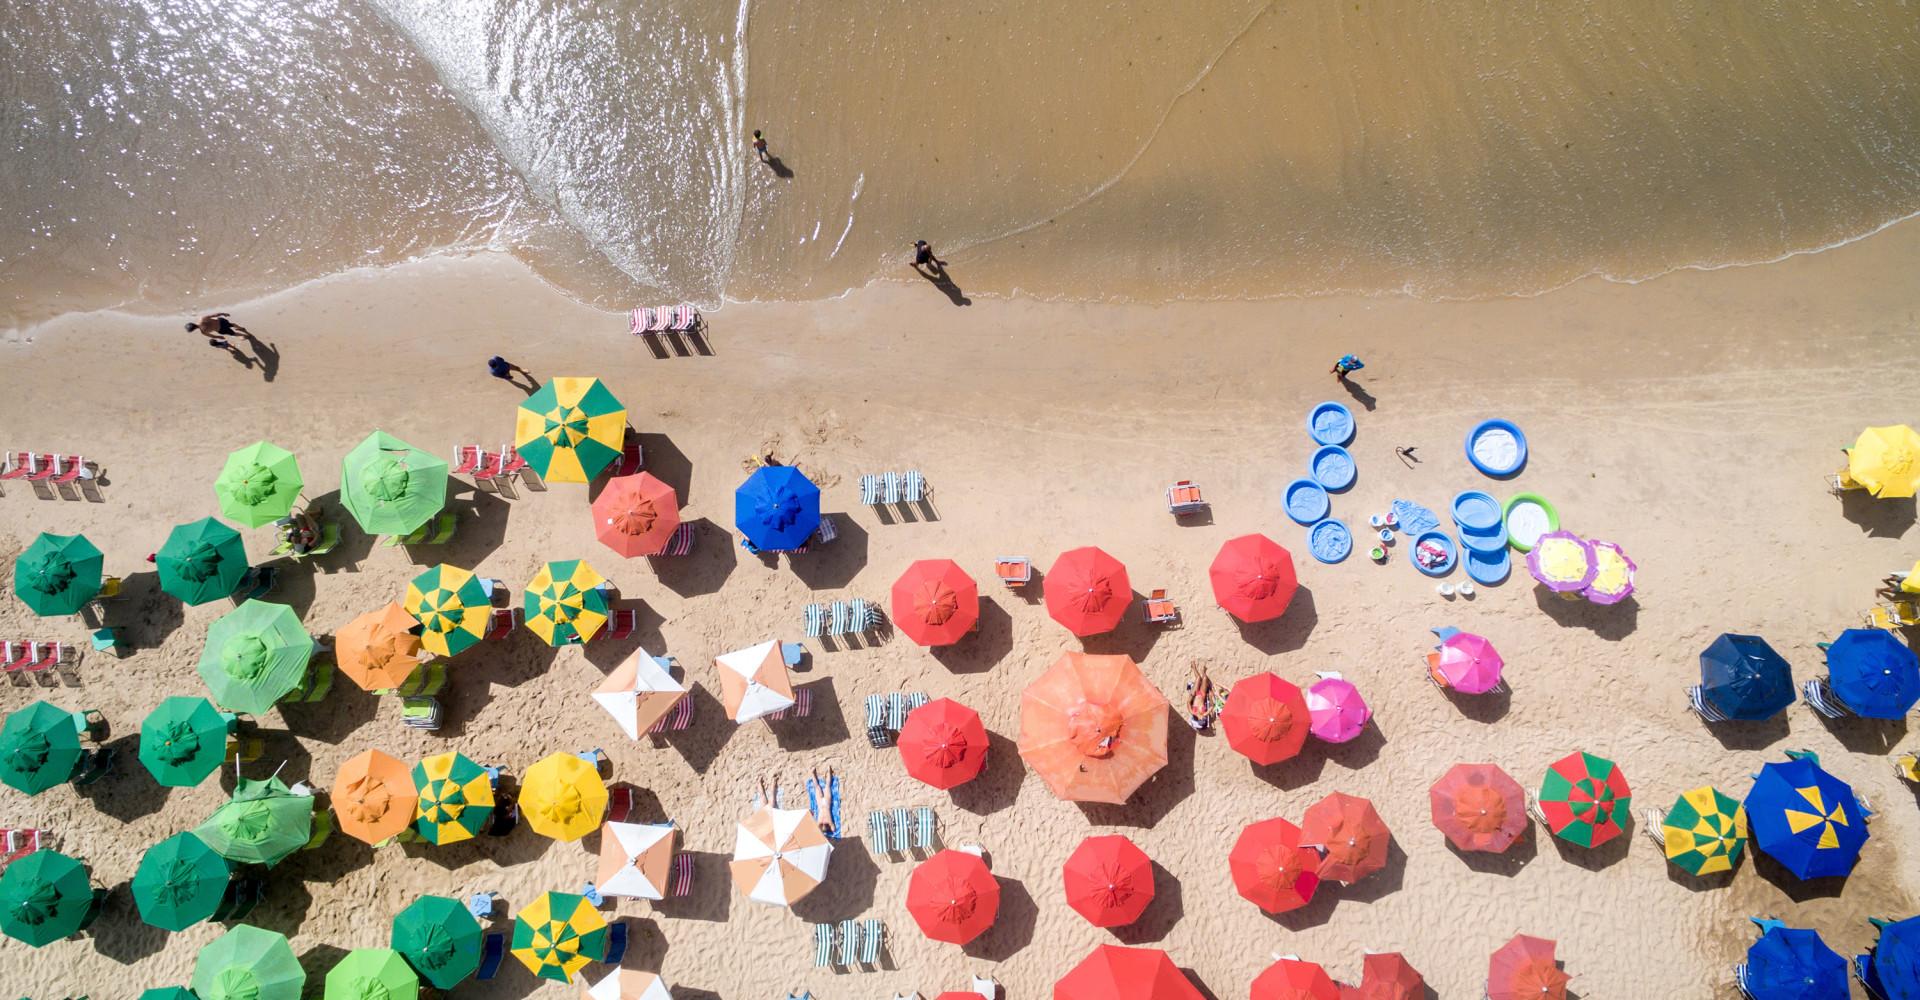 무더위 여름 피서지 '계곡 VS 바다' 당신의 선택은?